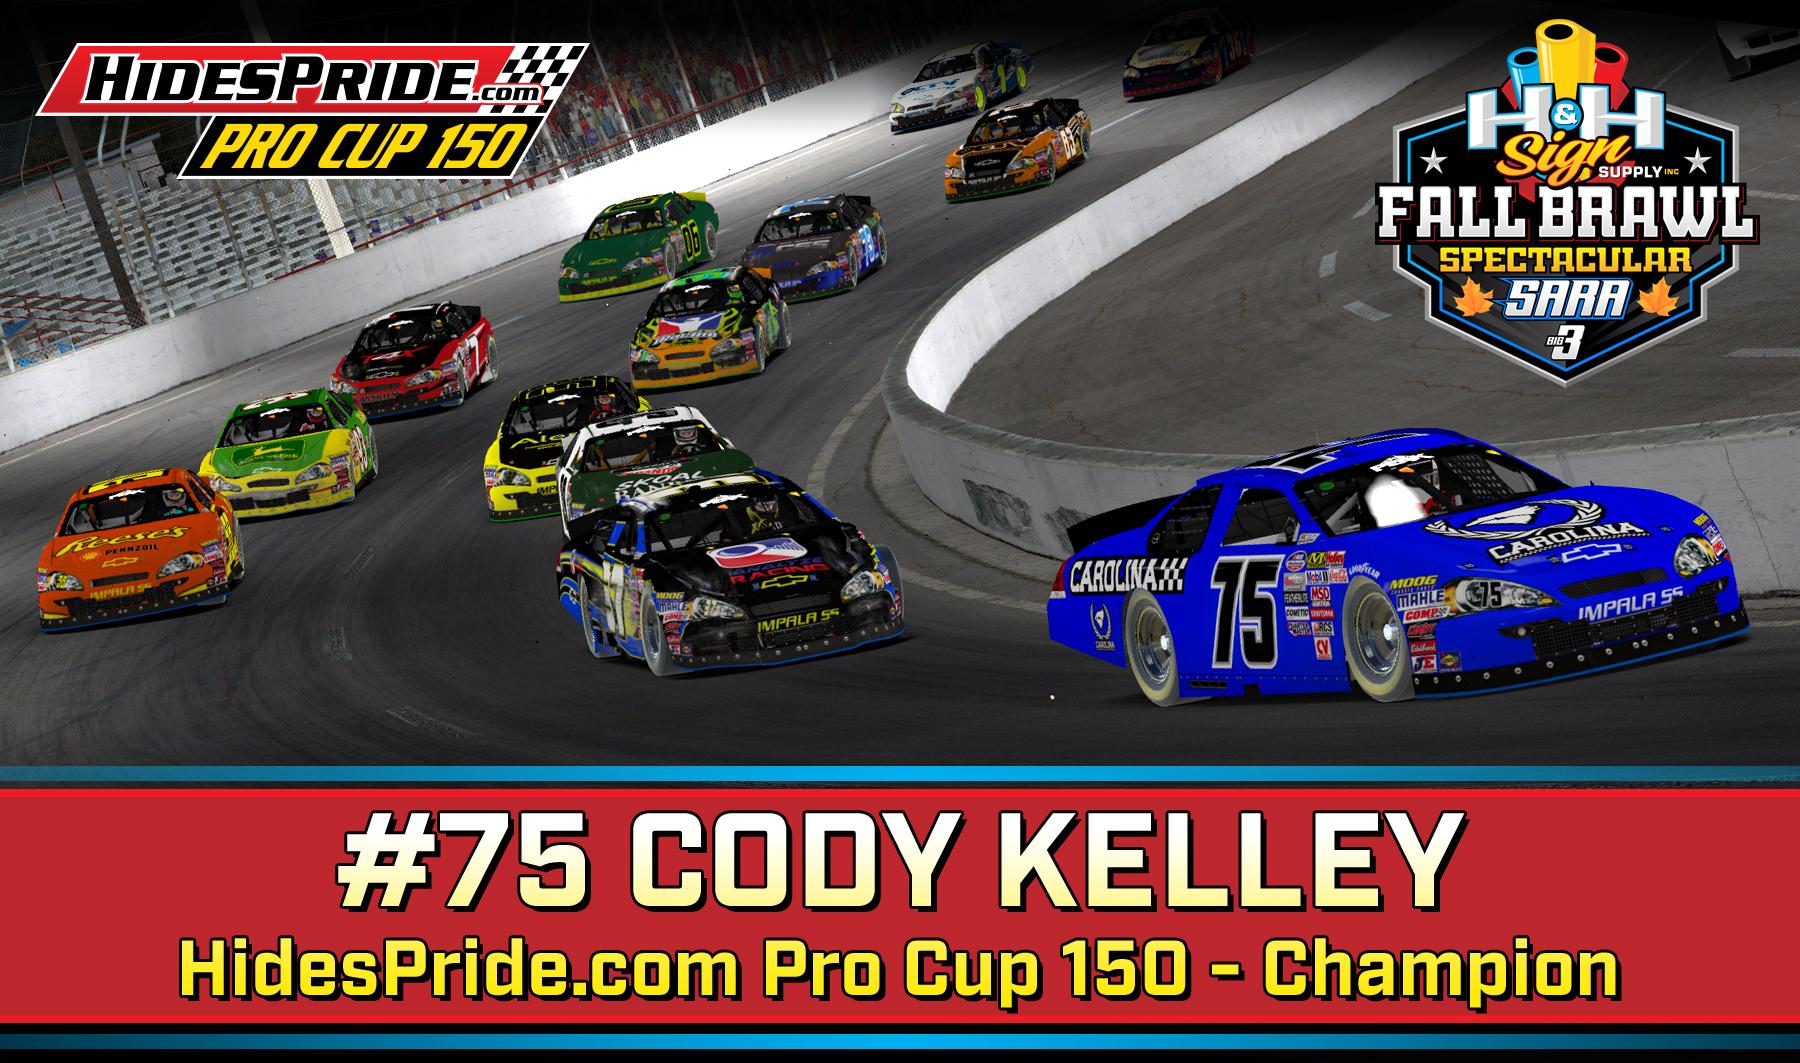 kelley_kn_winner